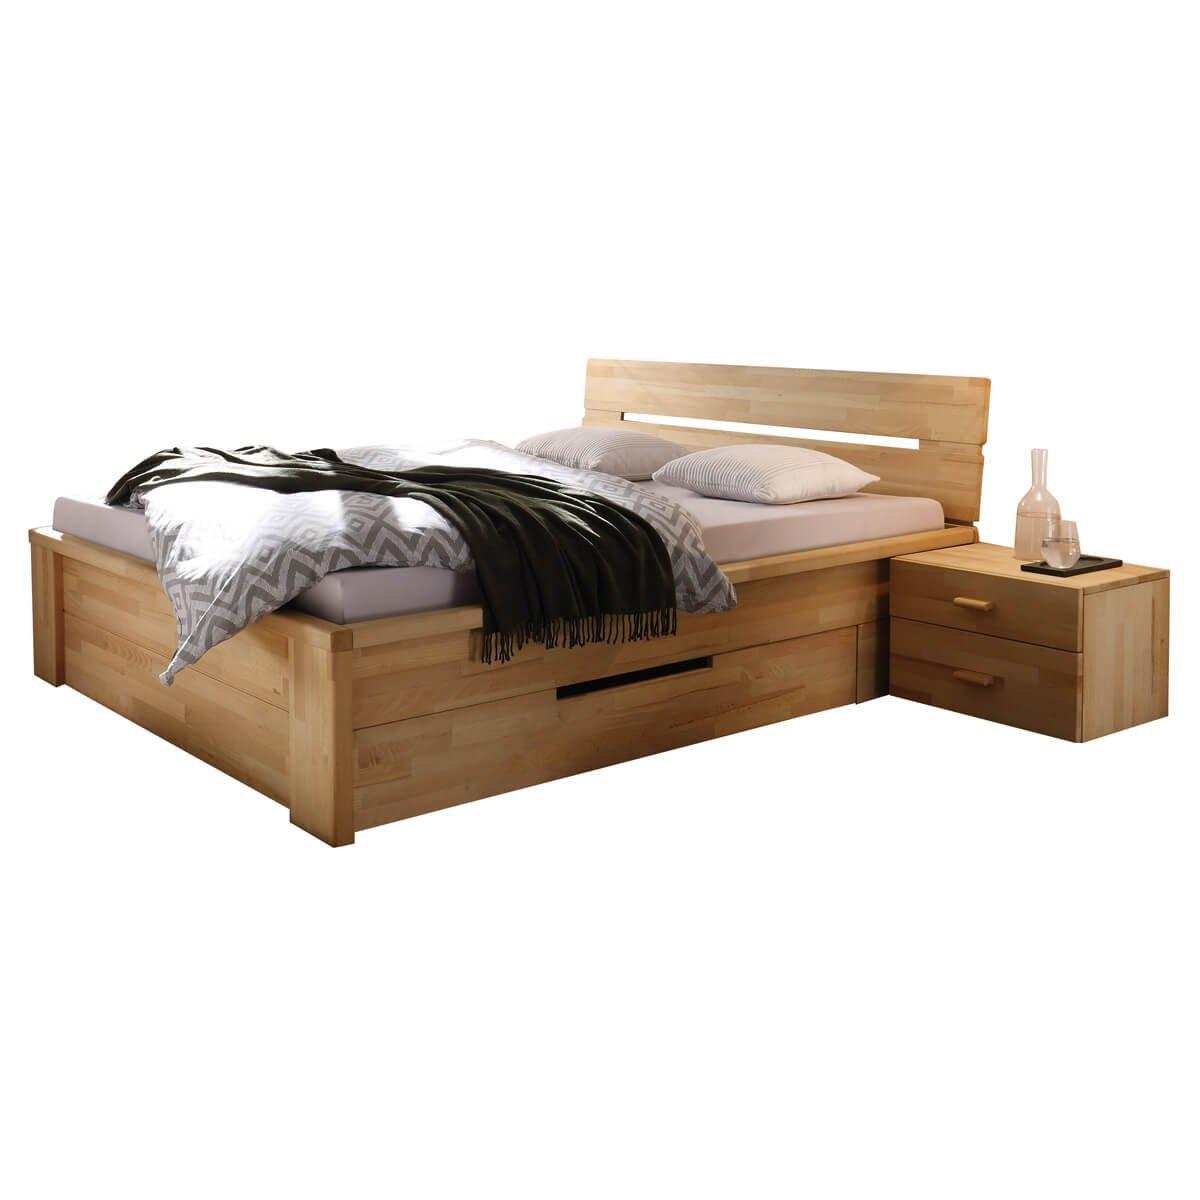 Bett Holzbett Doppelbett Roros 200 X 200 Cm 2 Schubladen